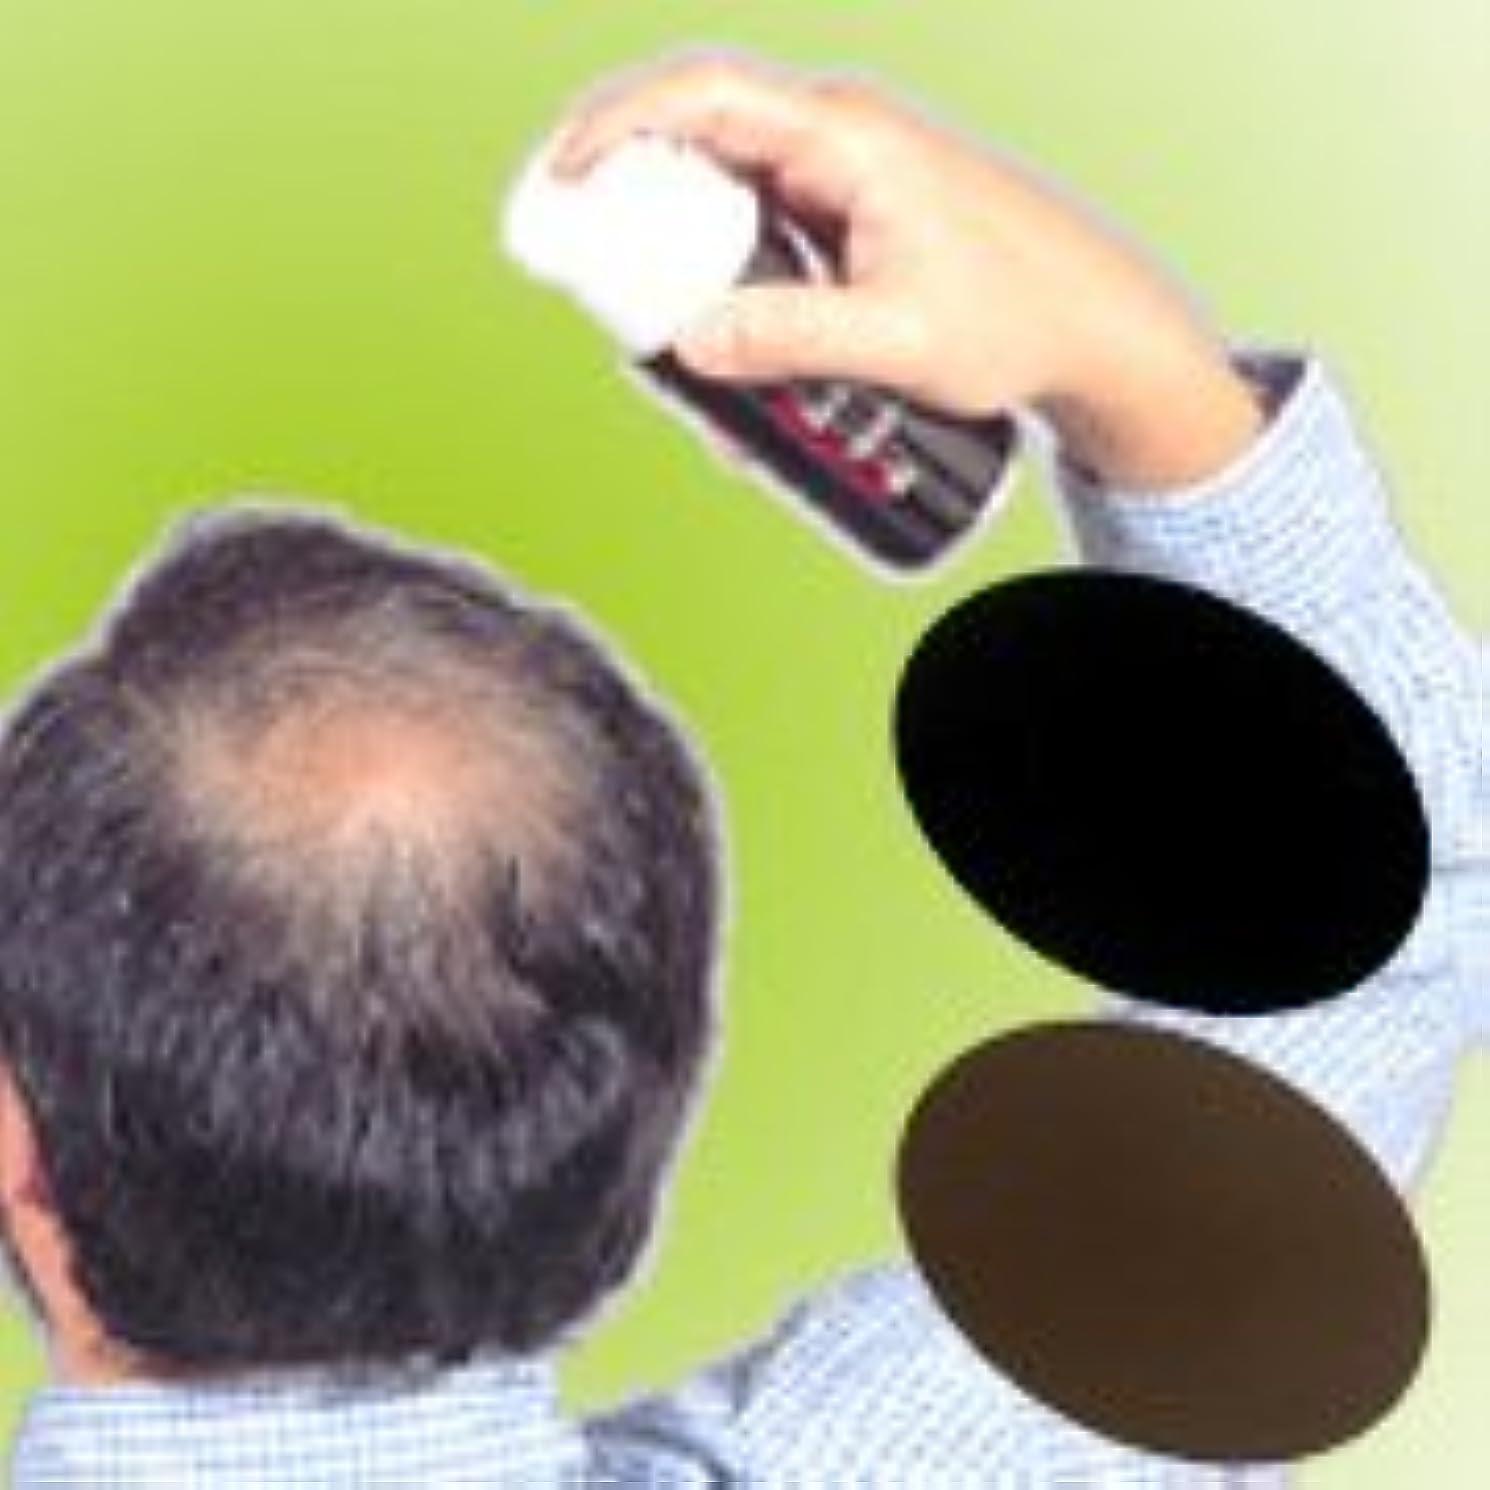 そう偉業件名薄毛?白髪をワンタッチで隠します!男女兼用タイプの増毛スプレー!!【トミーリッチ ブラックヘアー】 (こちらの商品の内訳は『18000100_ブラック<数量12単位>』のみ)